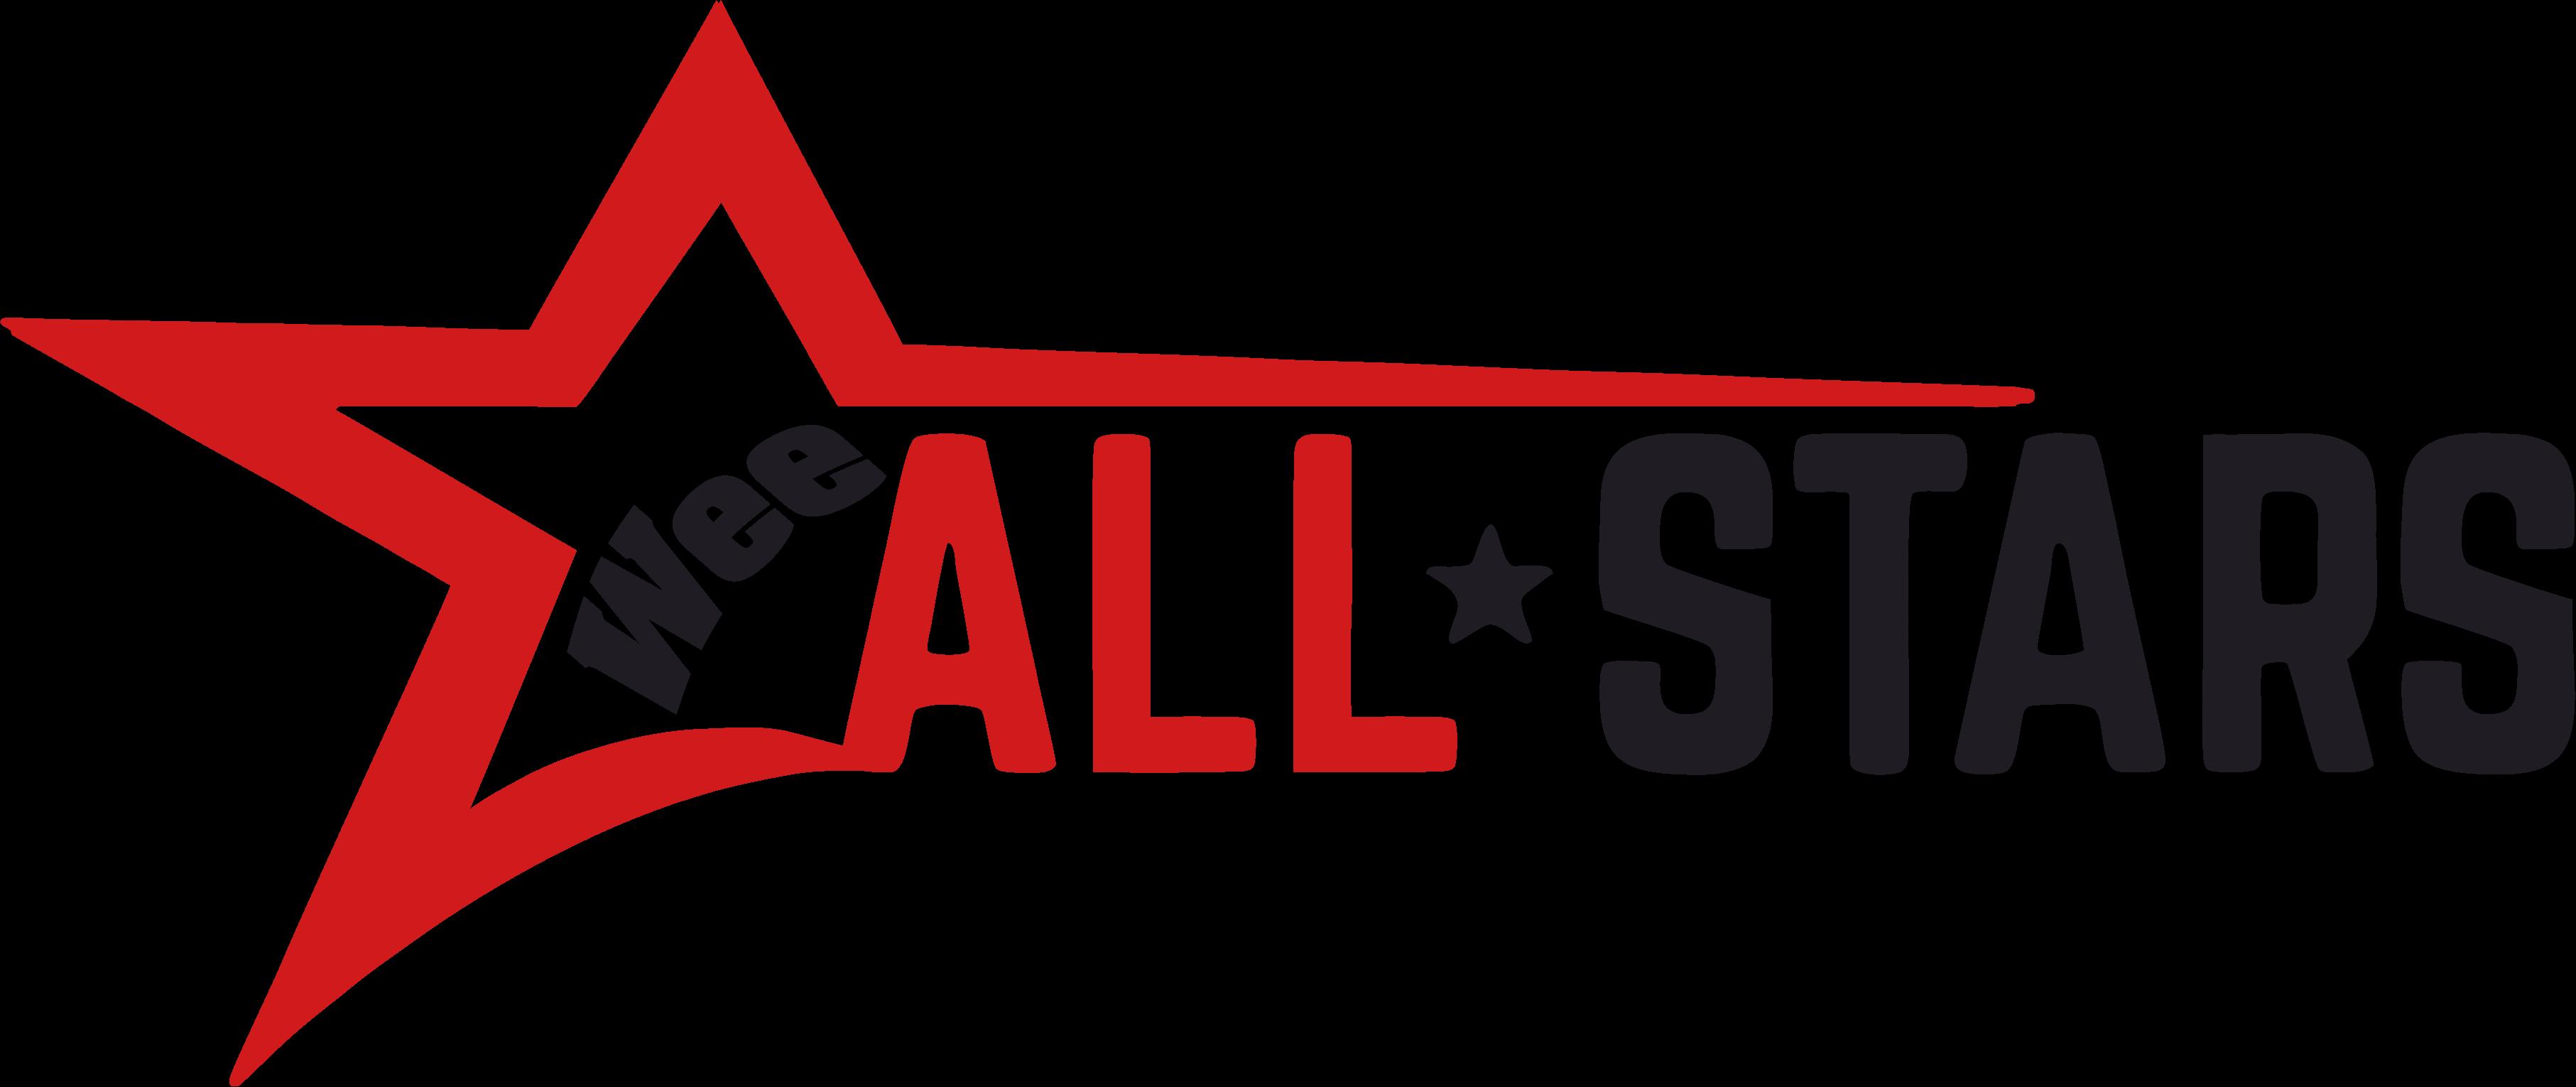 weeallstarsfinal